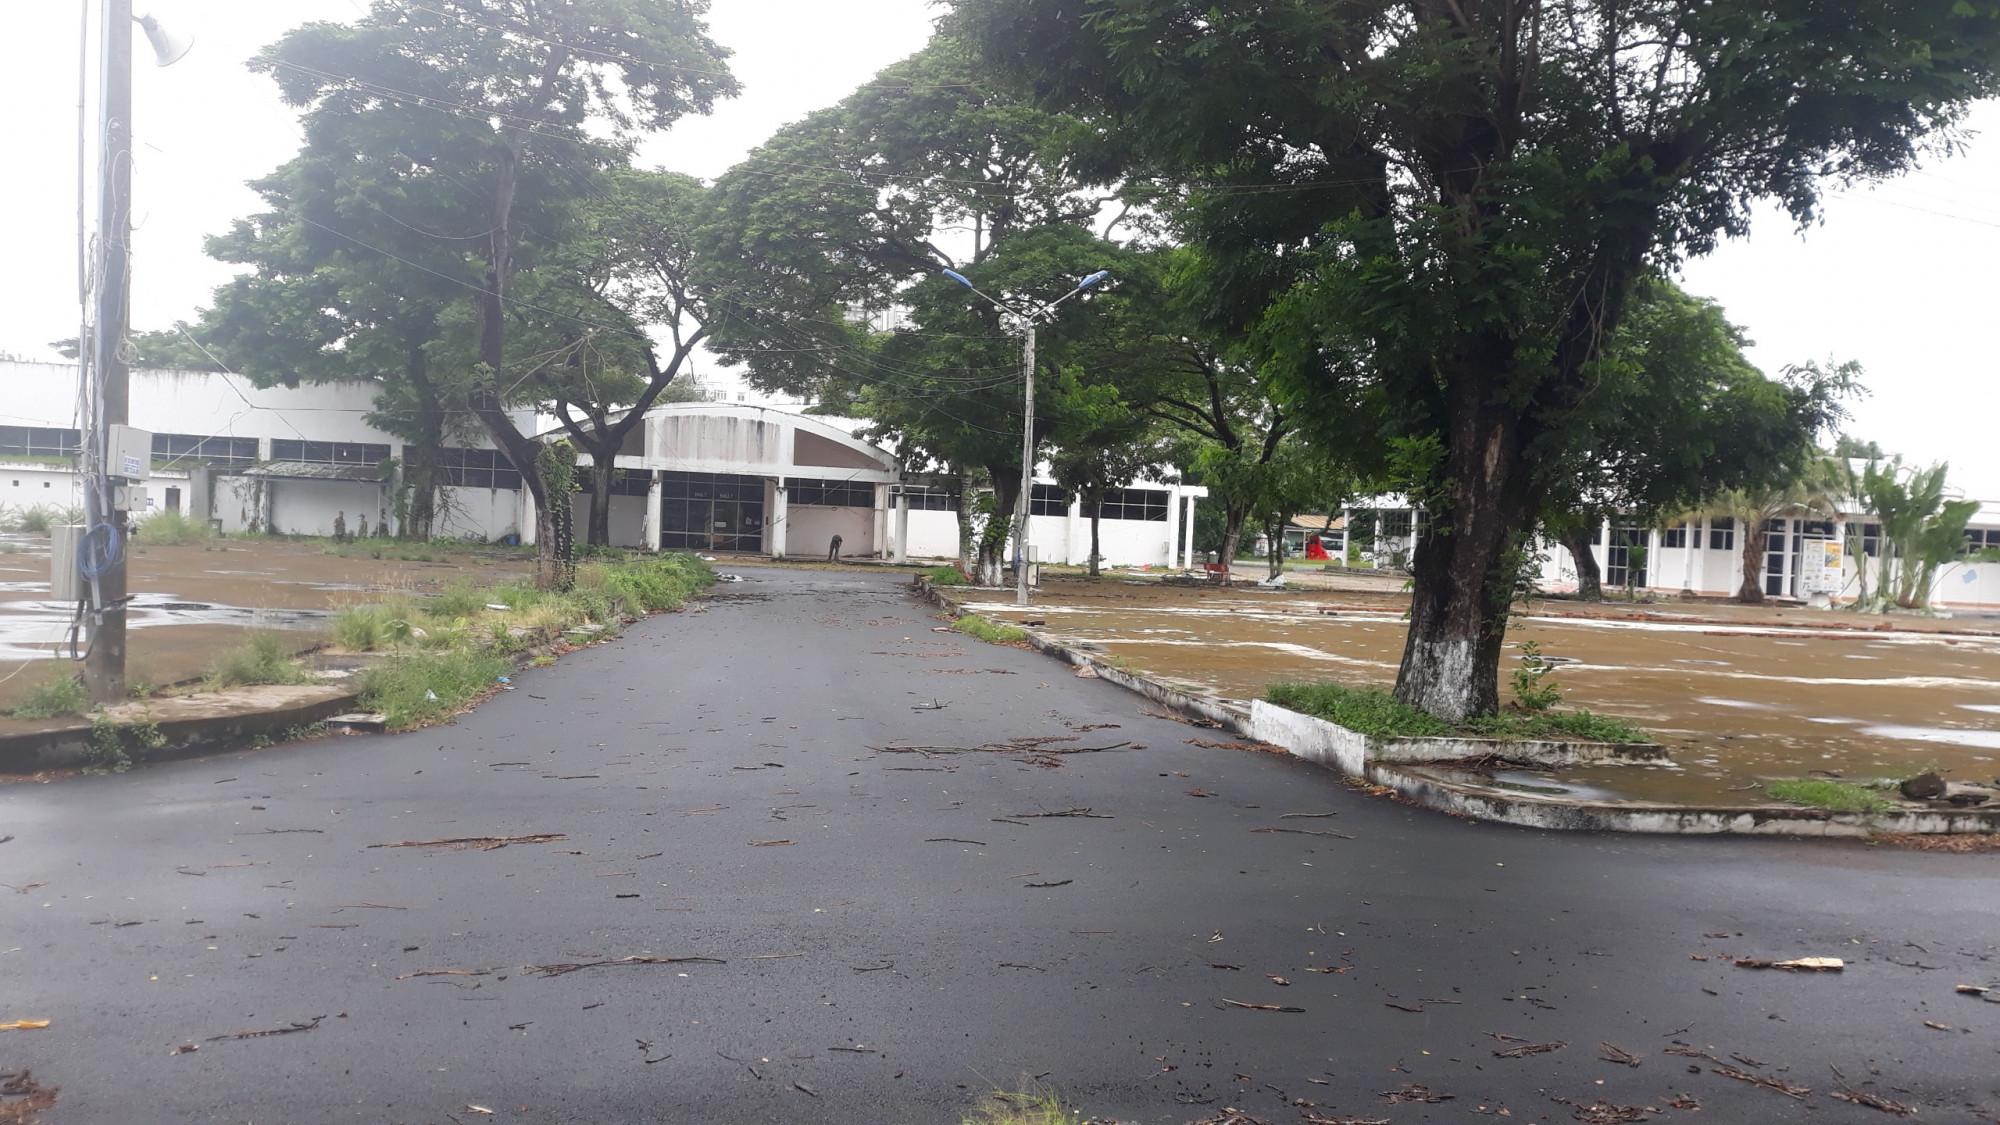 Một khu vực ngay trung tâm TP Cần Thơ dự kiến thành lập bệnh viện dã chiến, lực lượng quân đội đã có mặt chuẩn bị vào chiều ngày 28/7